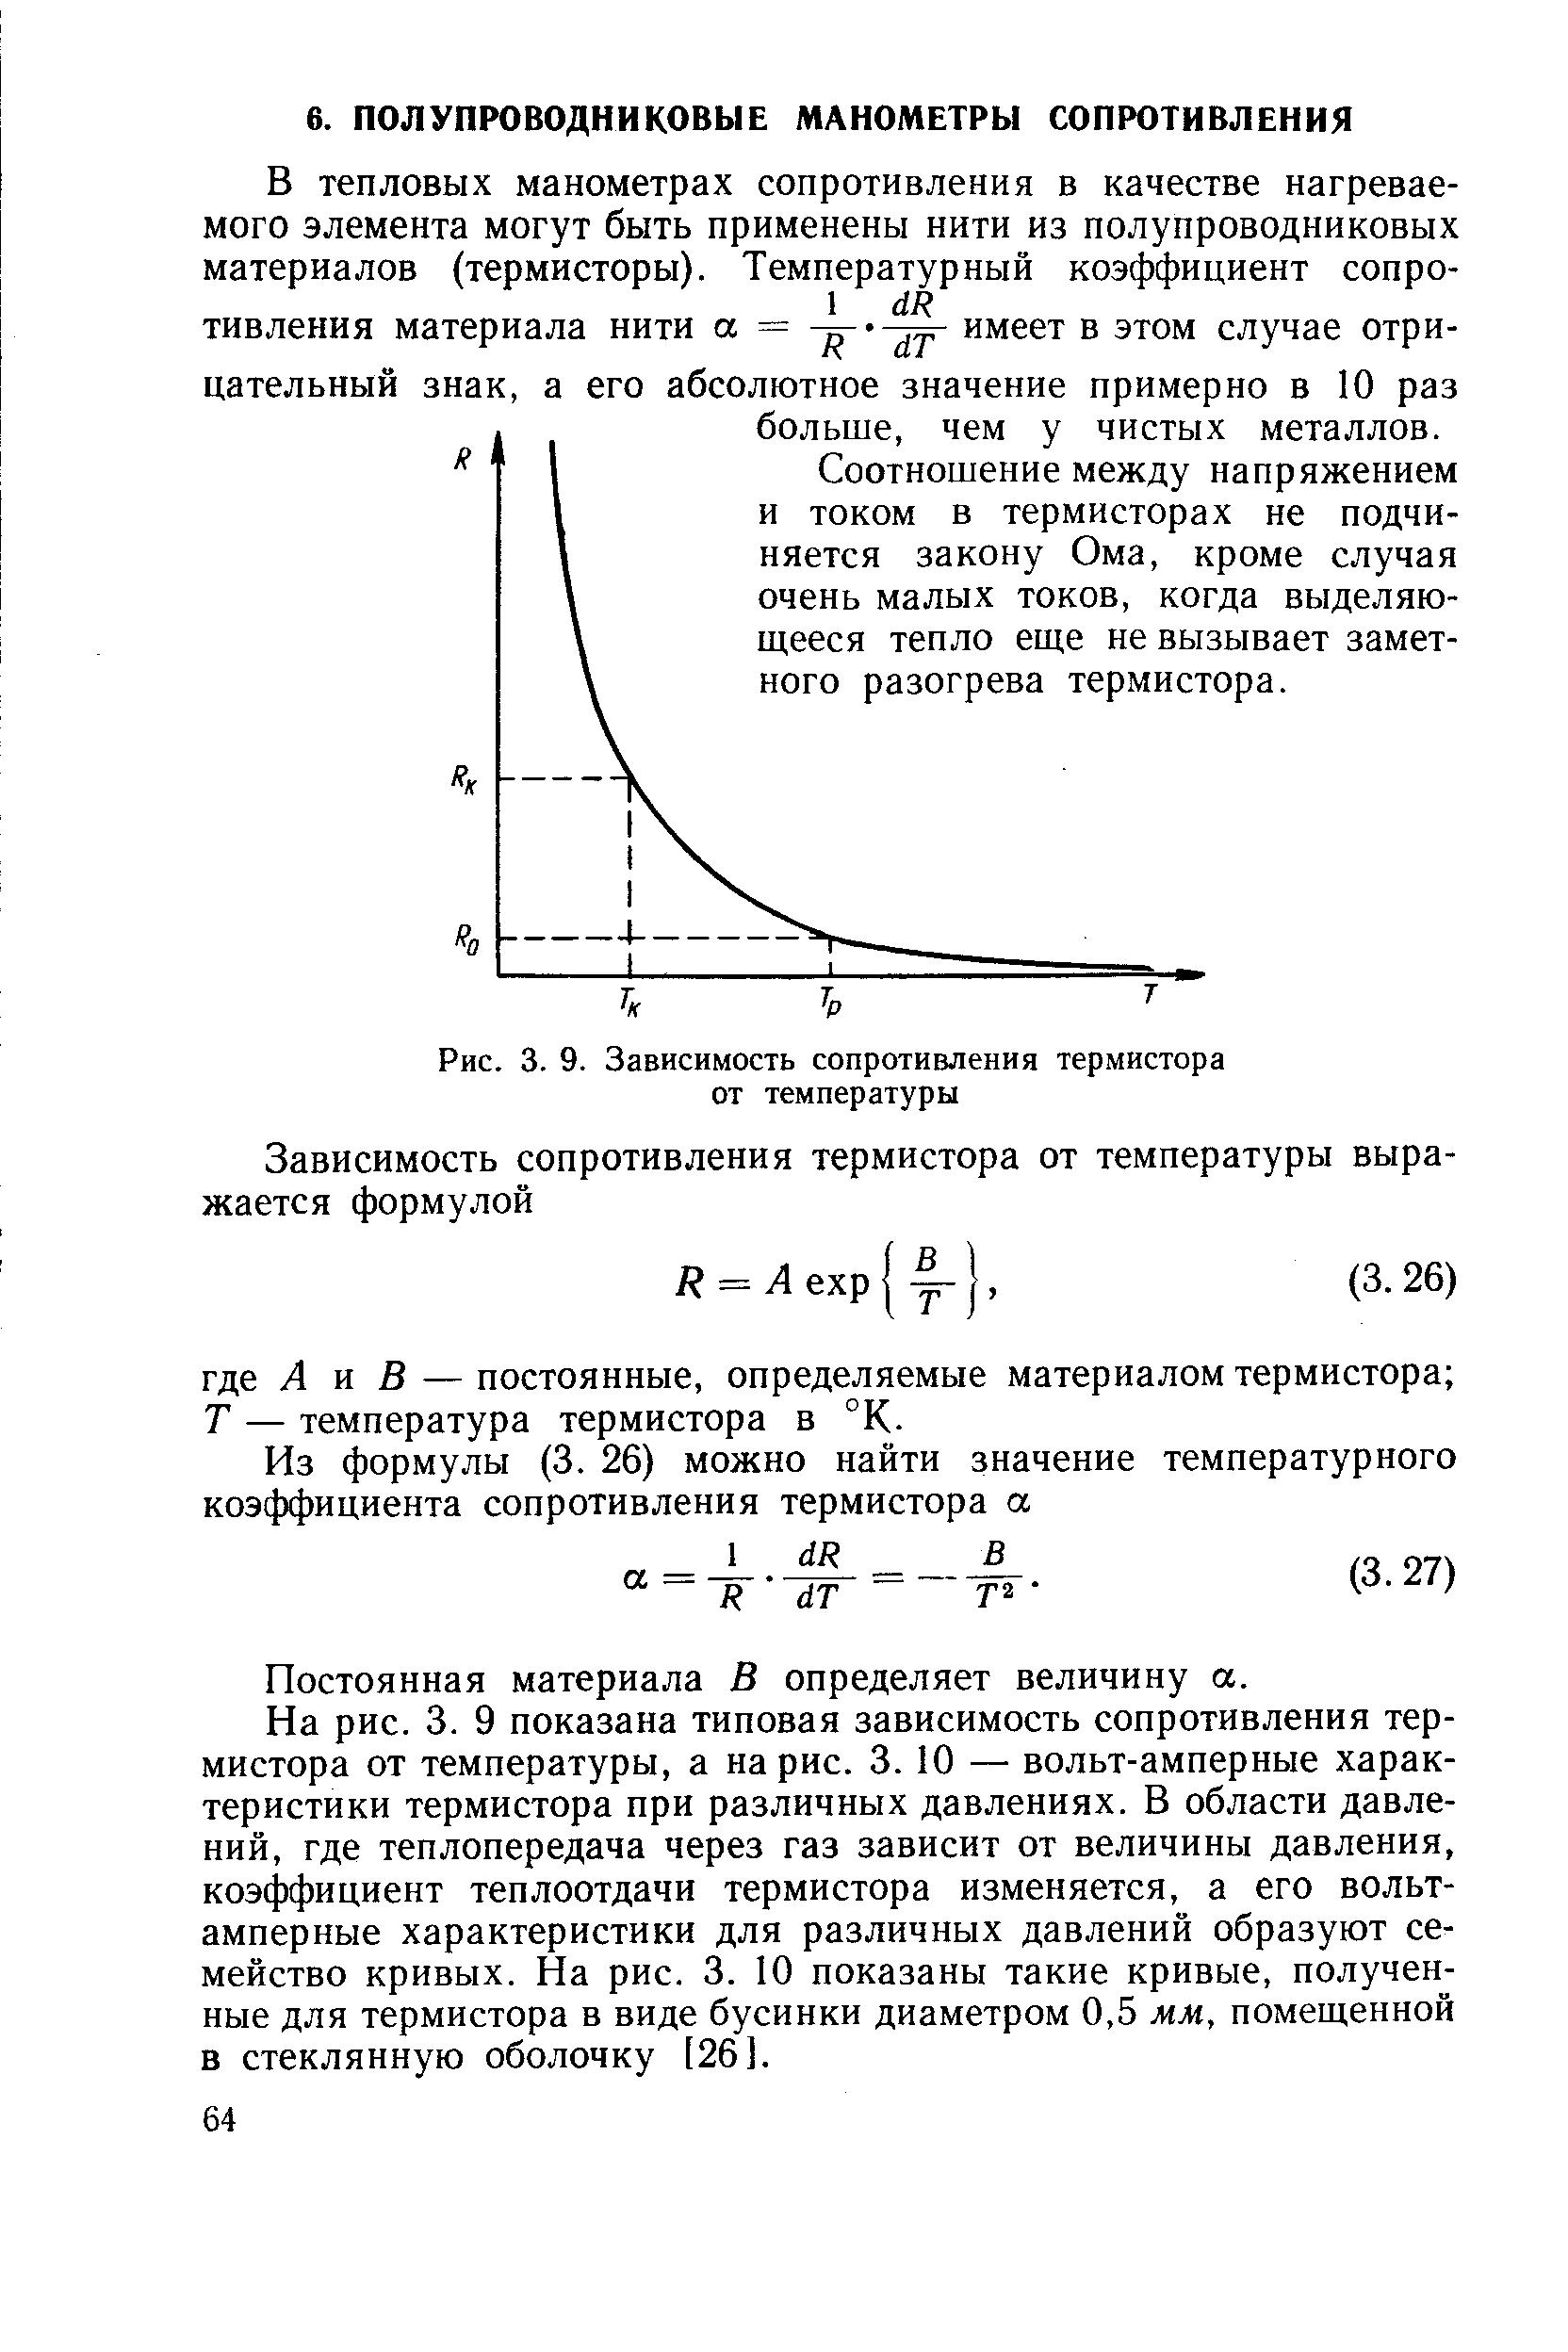 Таблицы номинальных статических характеристик